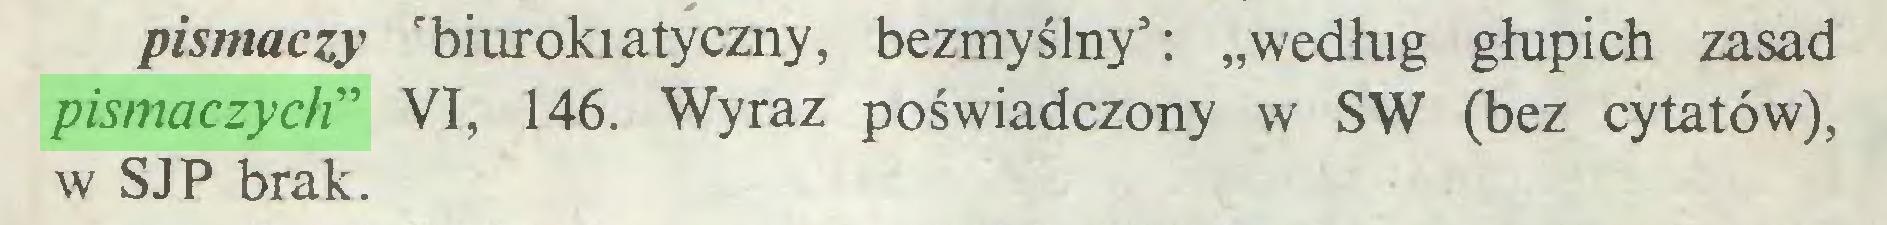 """(...) pismaczy """"biurokiatyczny, bezmyślny5: """"według głupich zasad pismaczych"""" VI, 146. Wyraz poświadczony w SW (bez cytatów), w SJP brak..."""